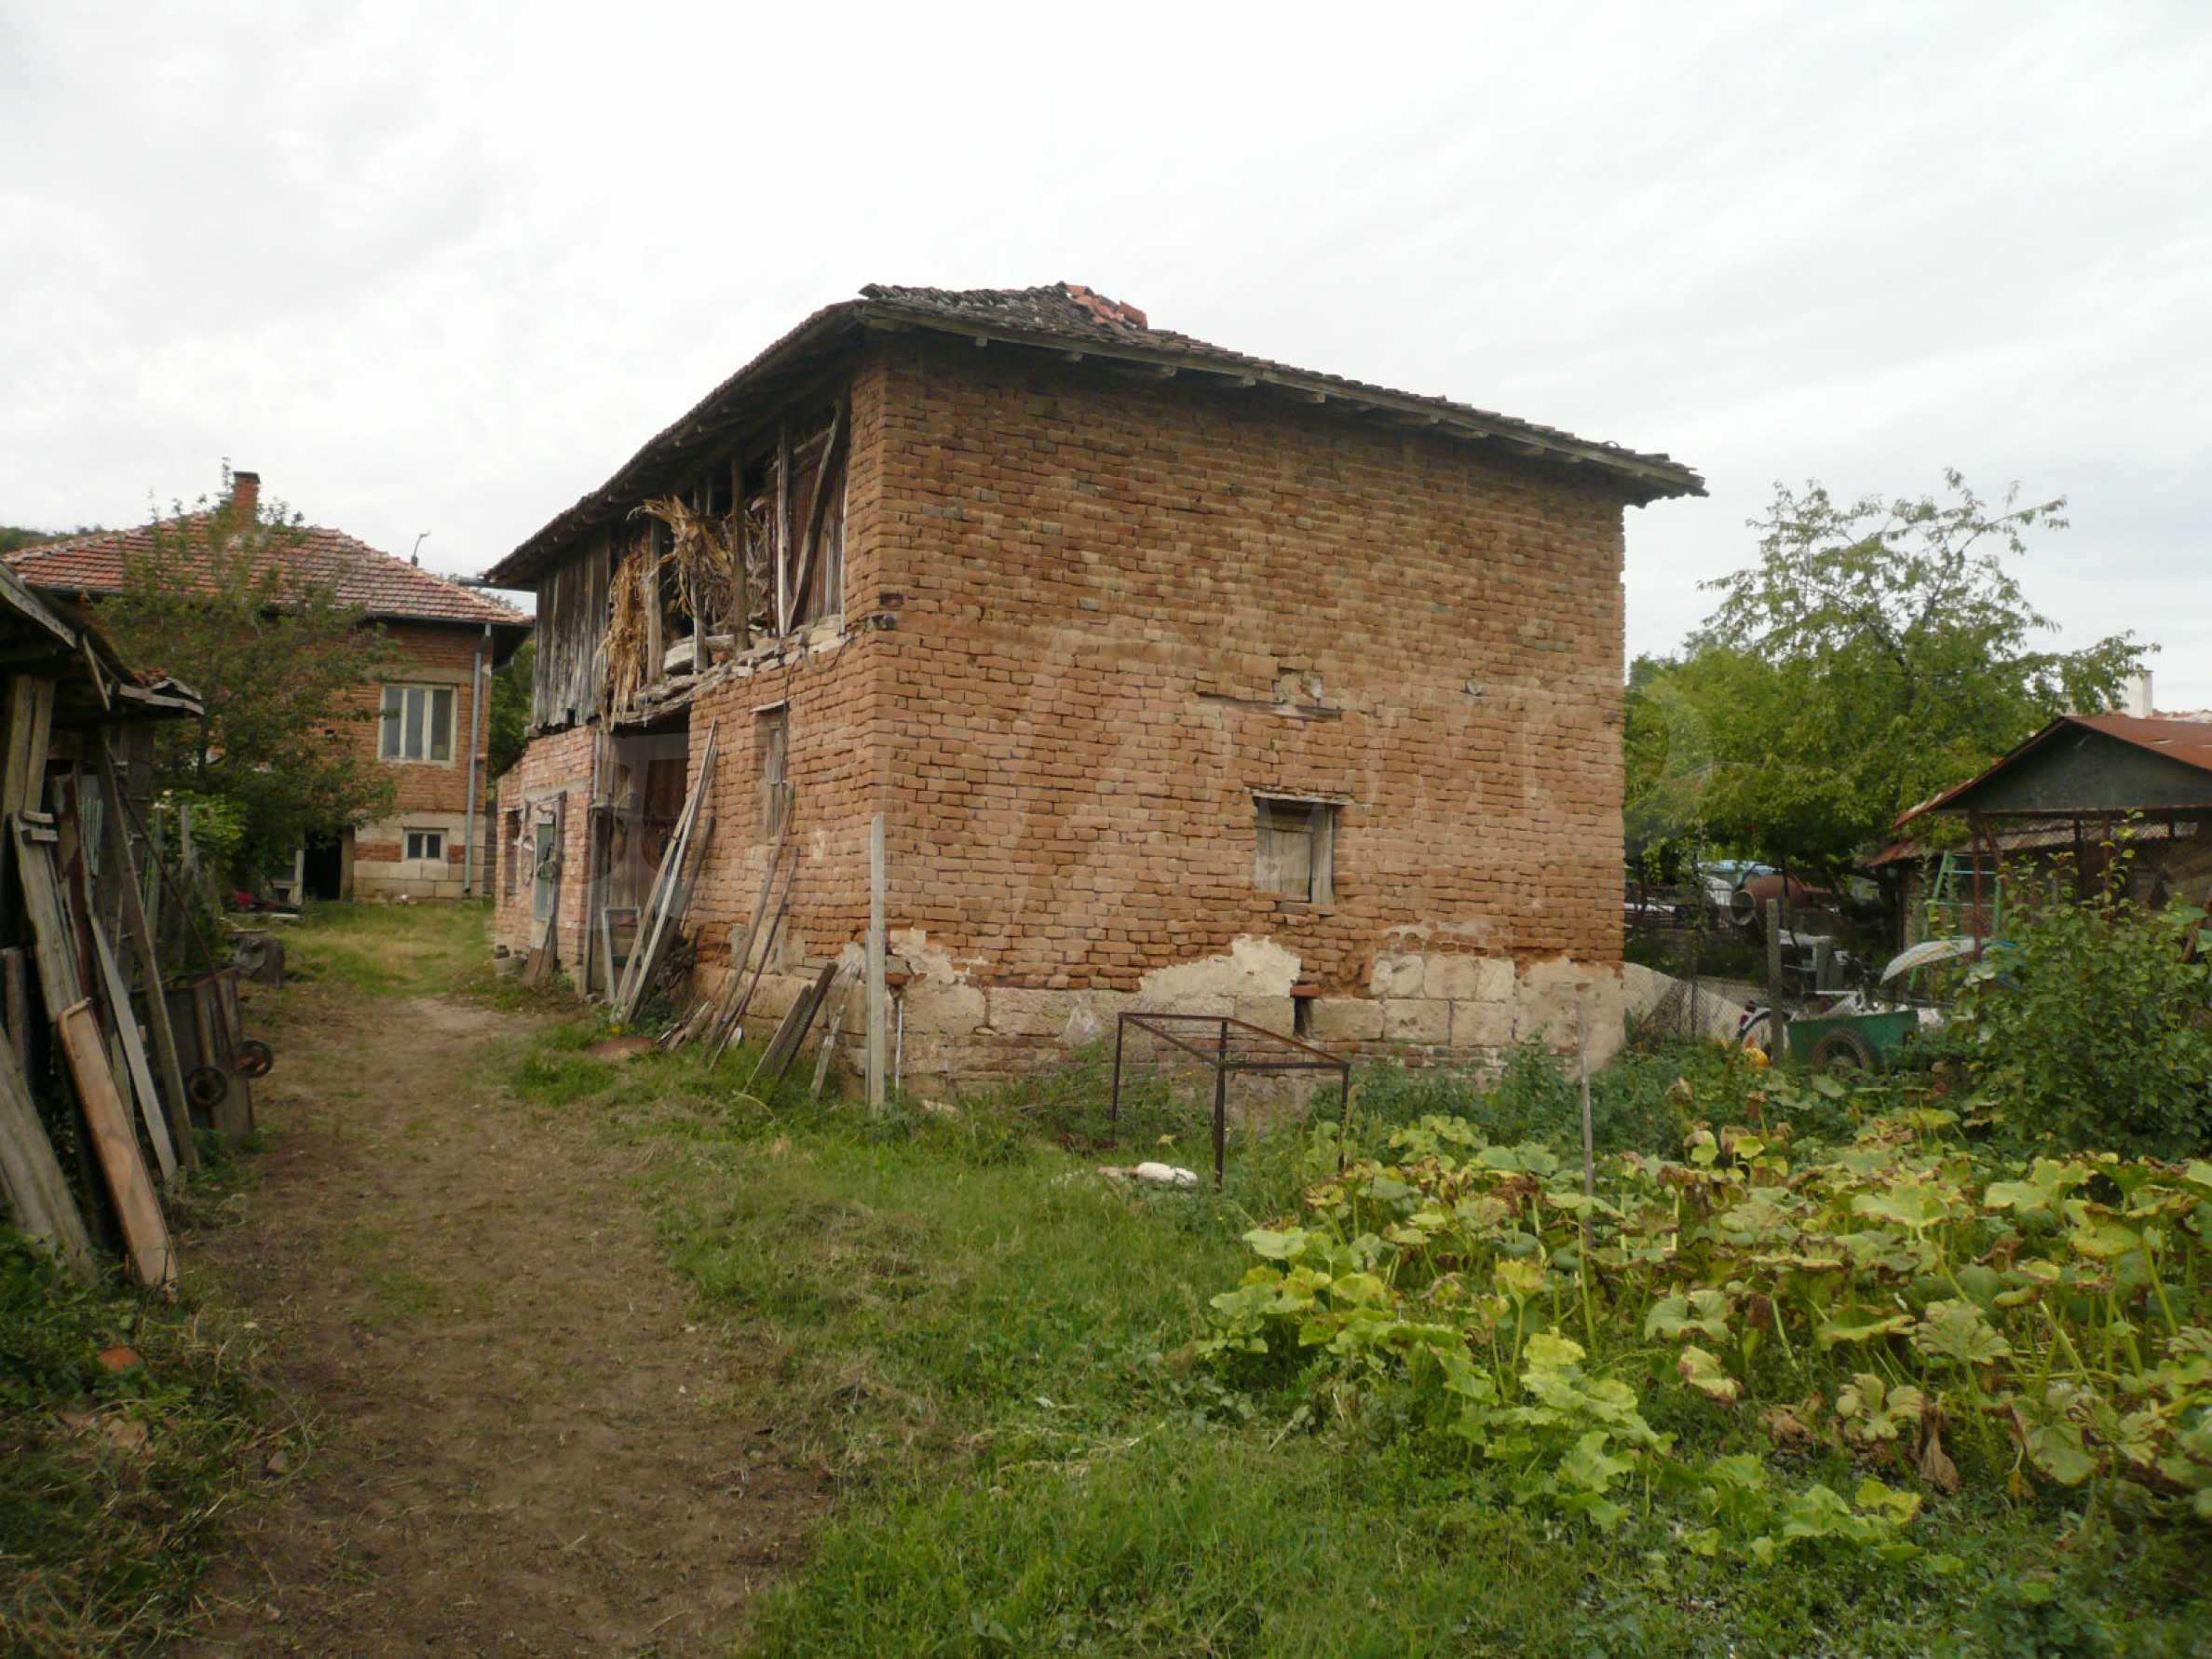 Einfamilienhaus mit Hof in der Nähe der Donau 12